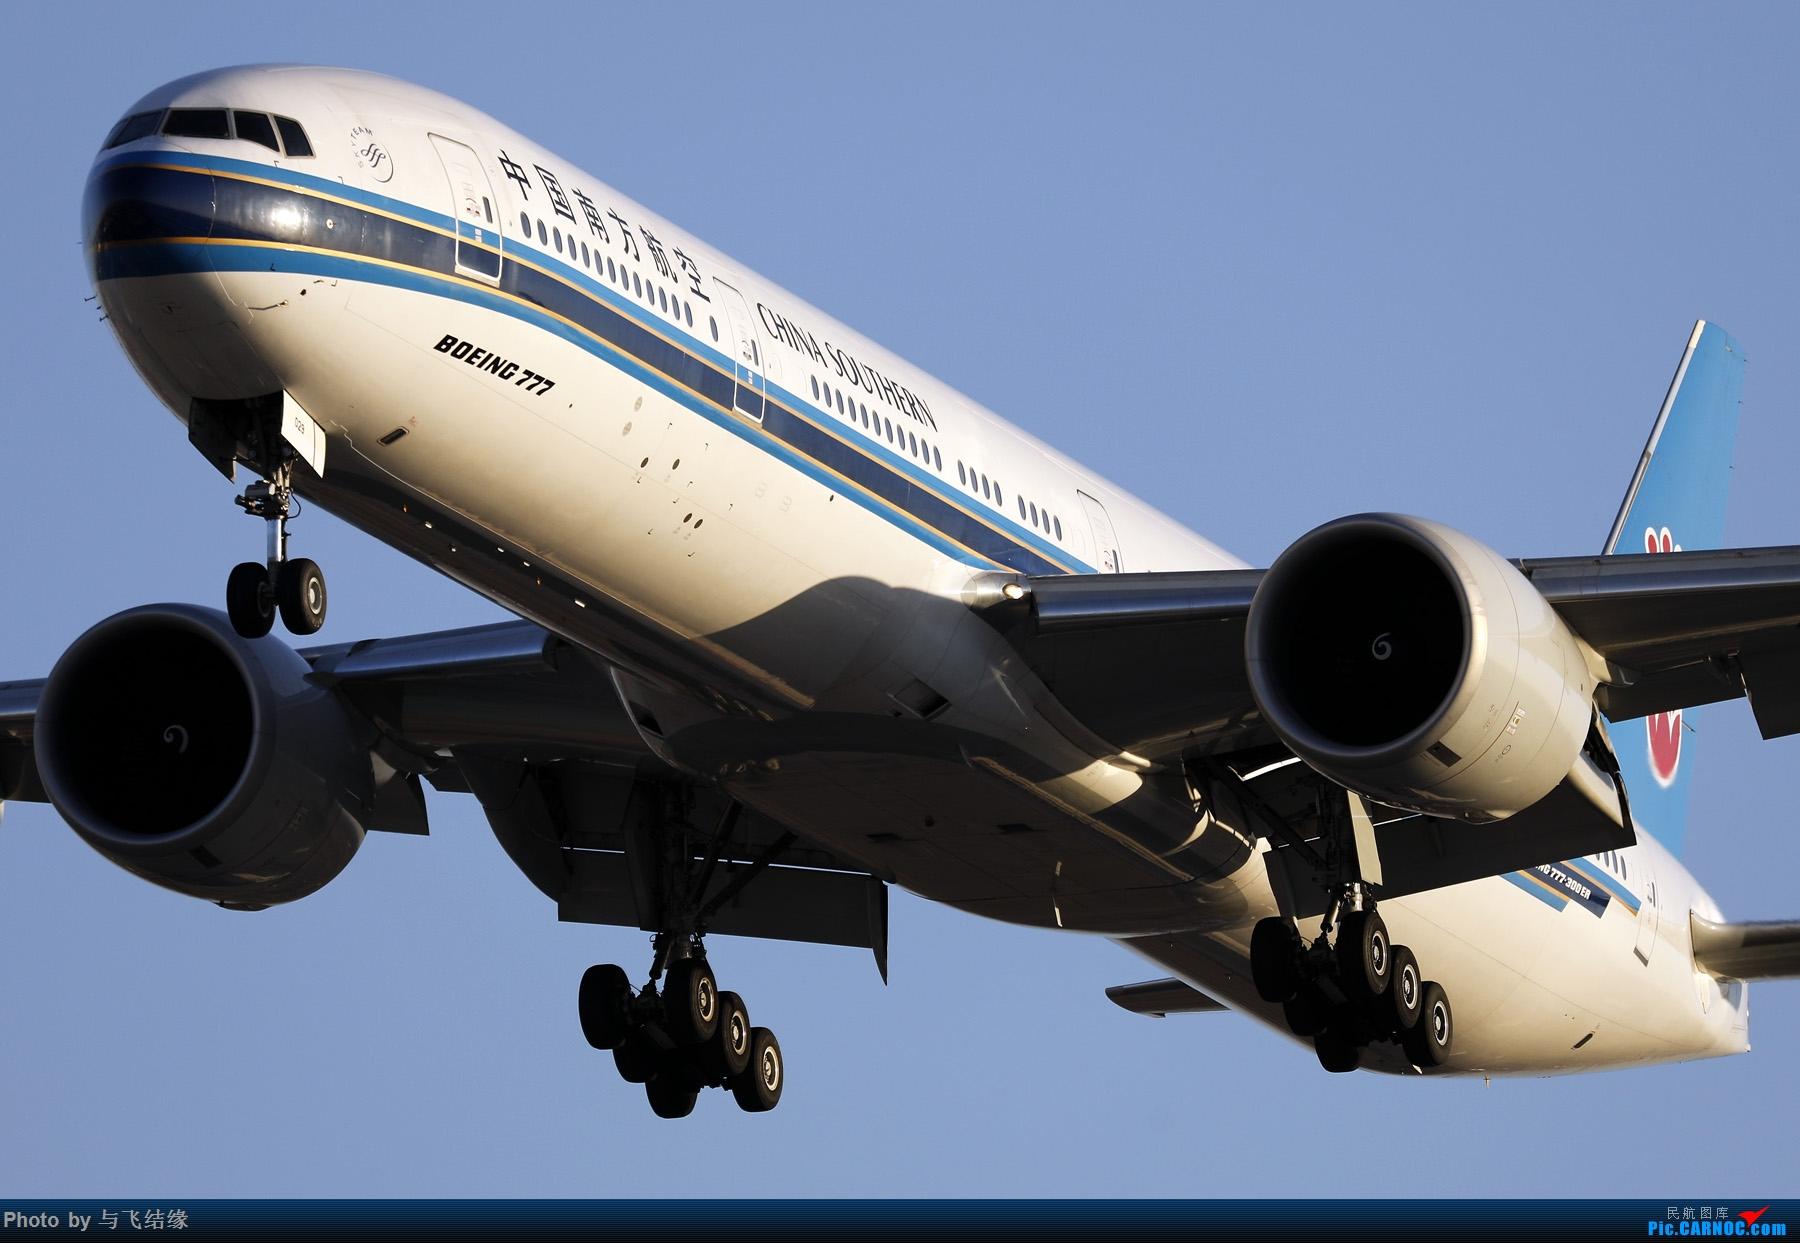 """Re:[原创]农历三十再发一贴,祝朋友们新年""""猪""""事顺利,吉祥如意! BOEING 777-300ER B-2029 中国北京首都国际机场"""